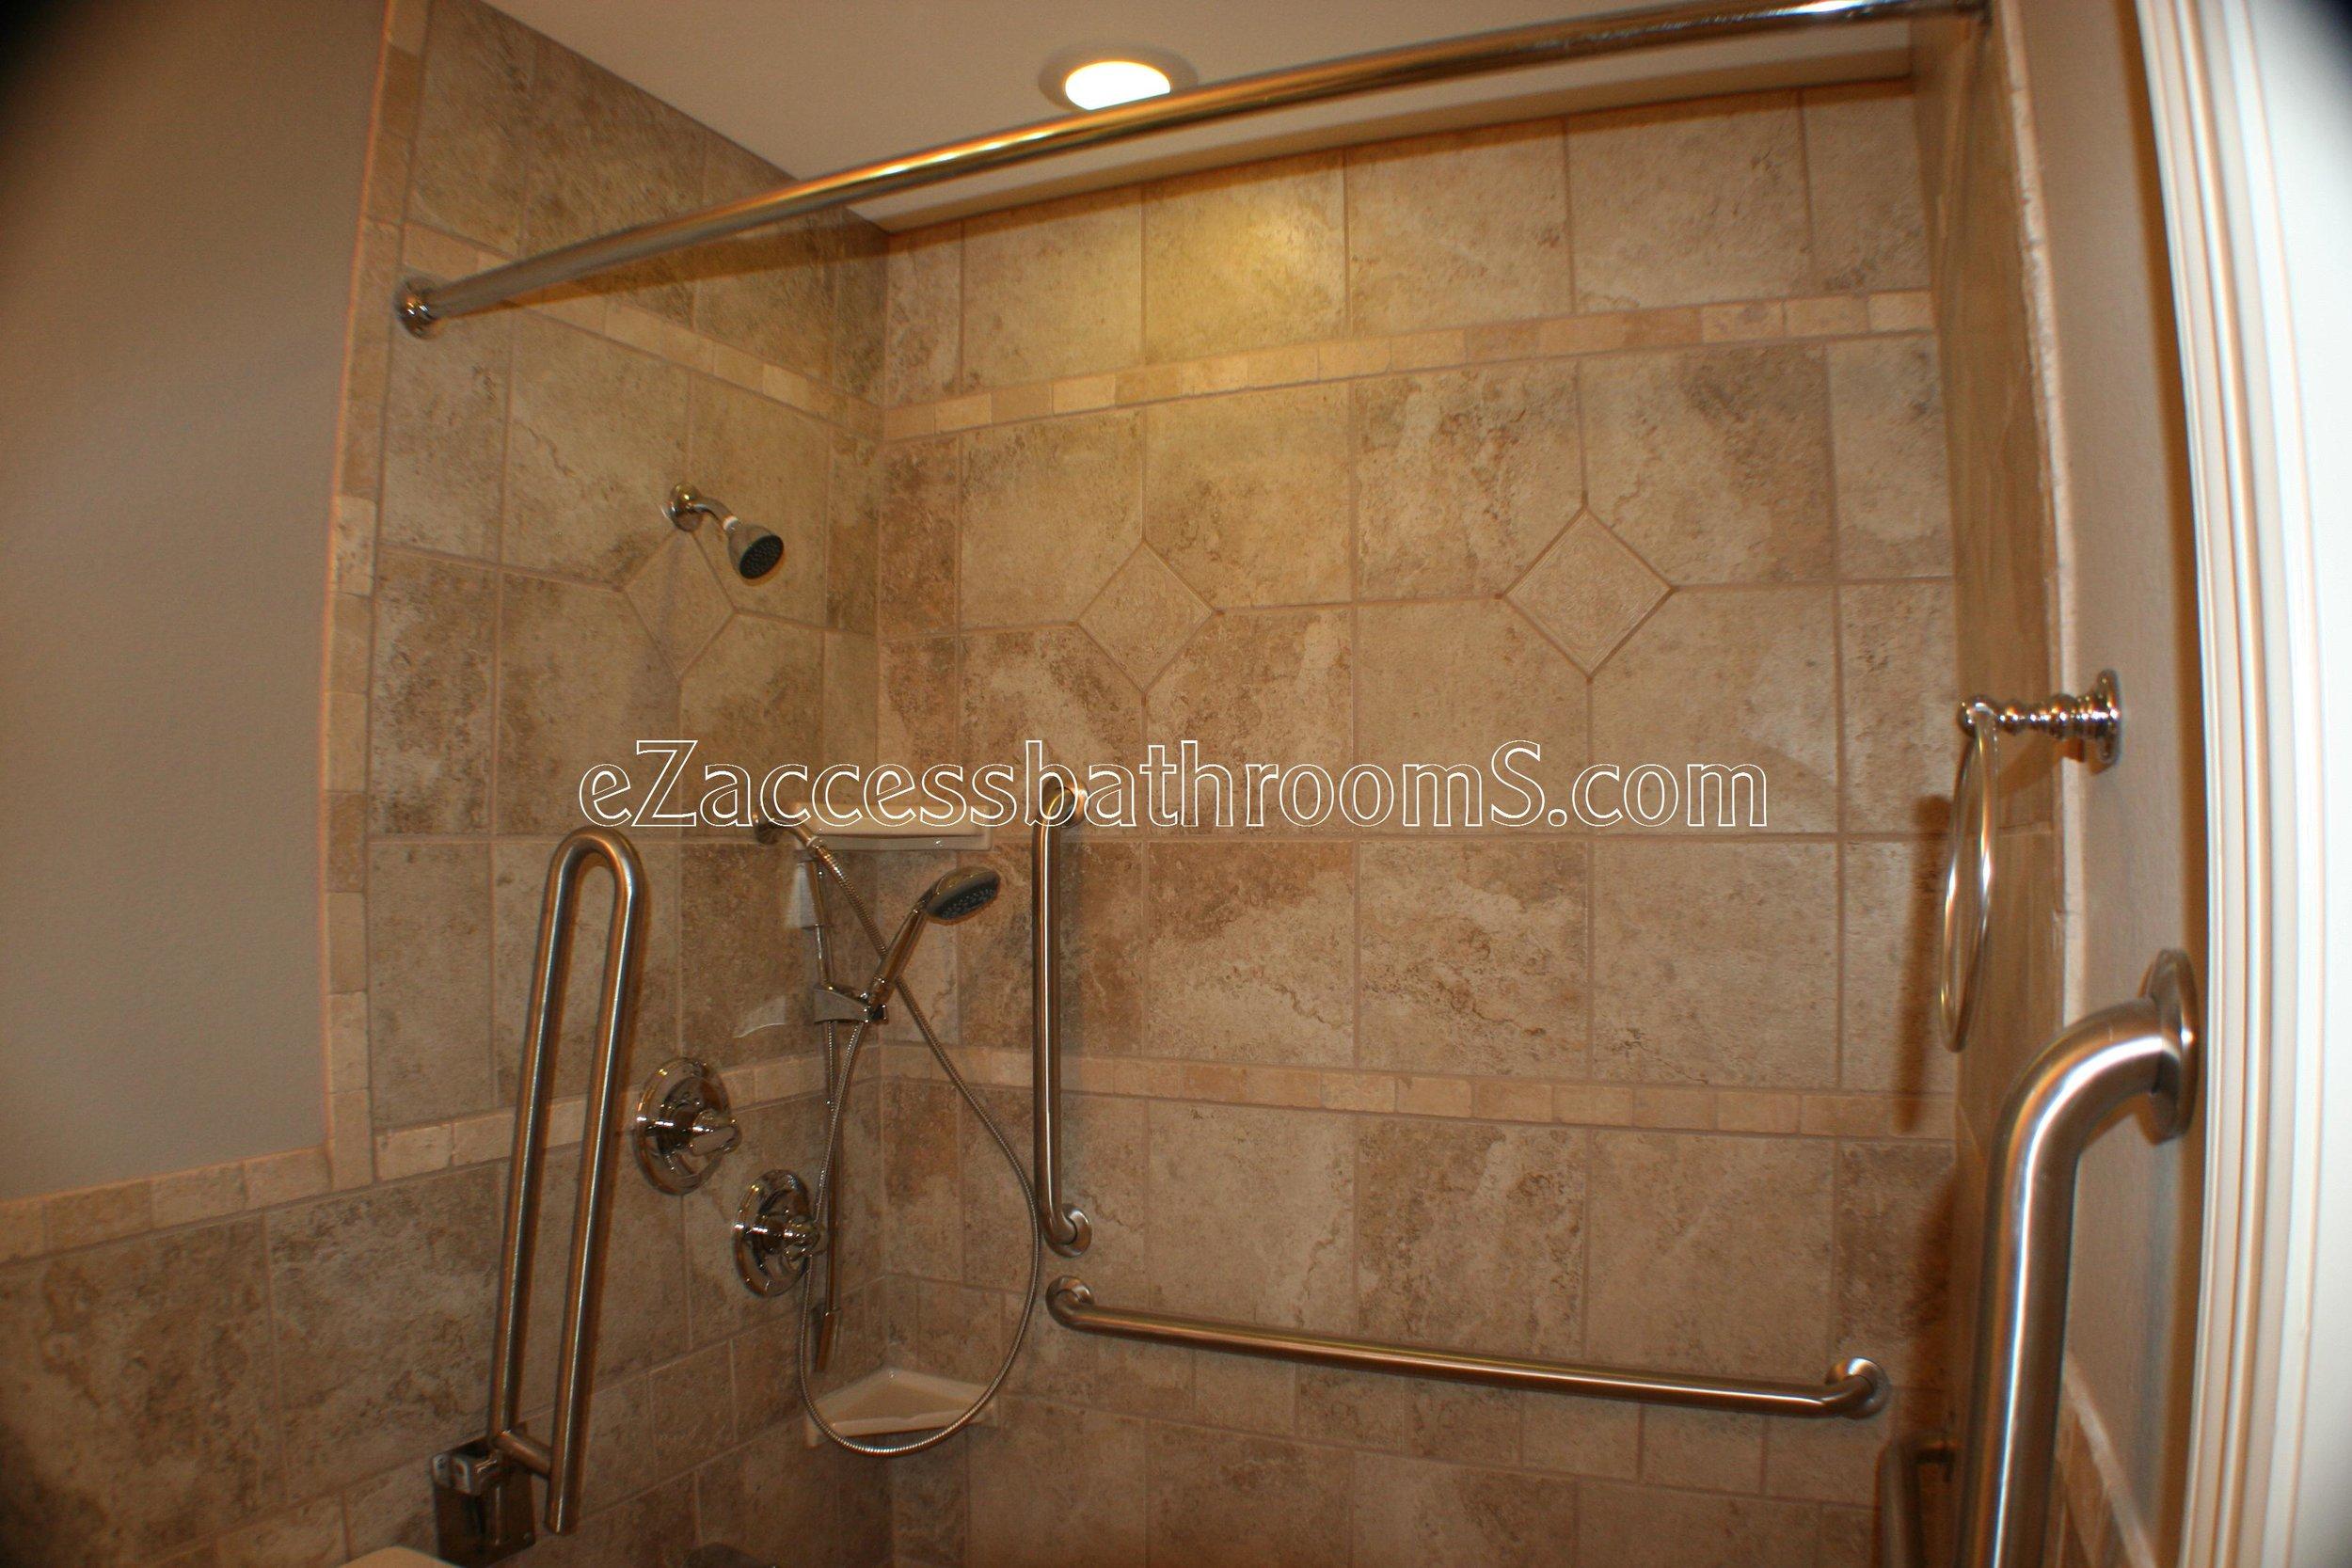 handicap bathroom 01 ezacessbathrooms.com 006.jpg